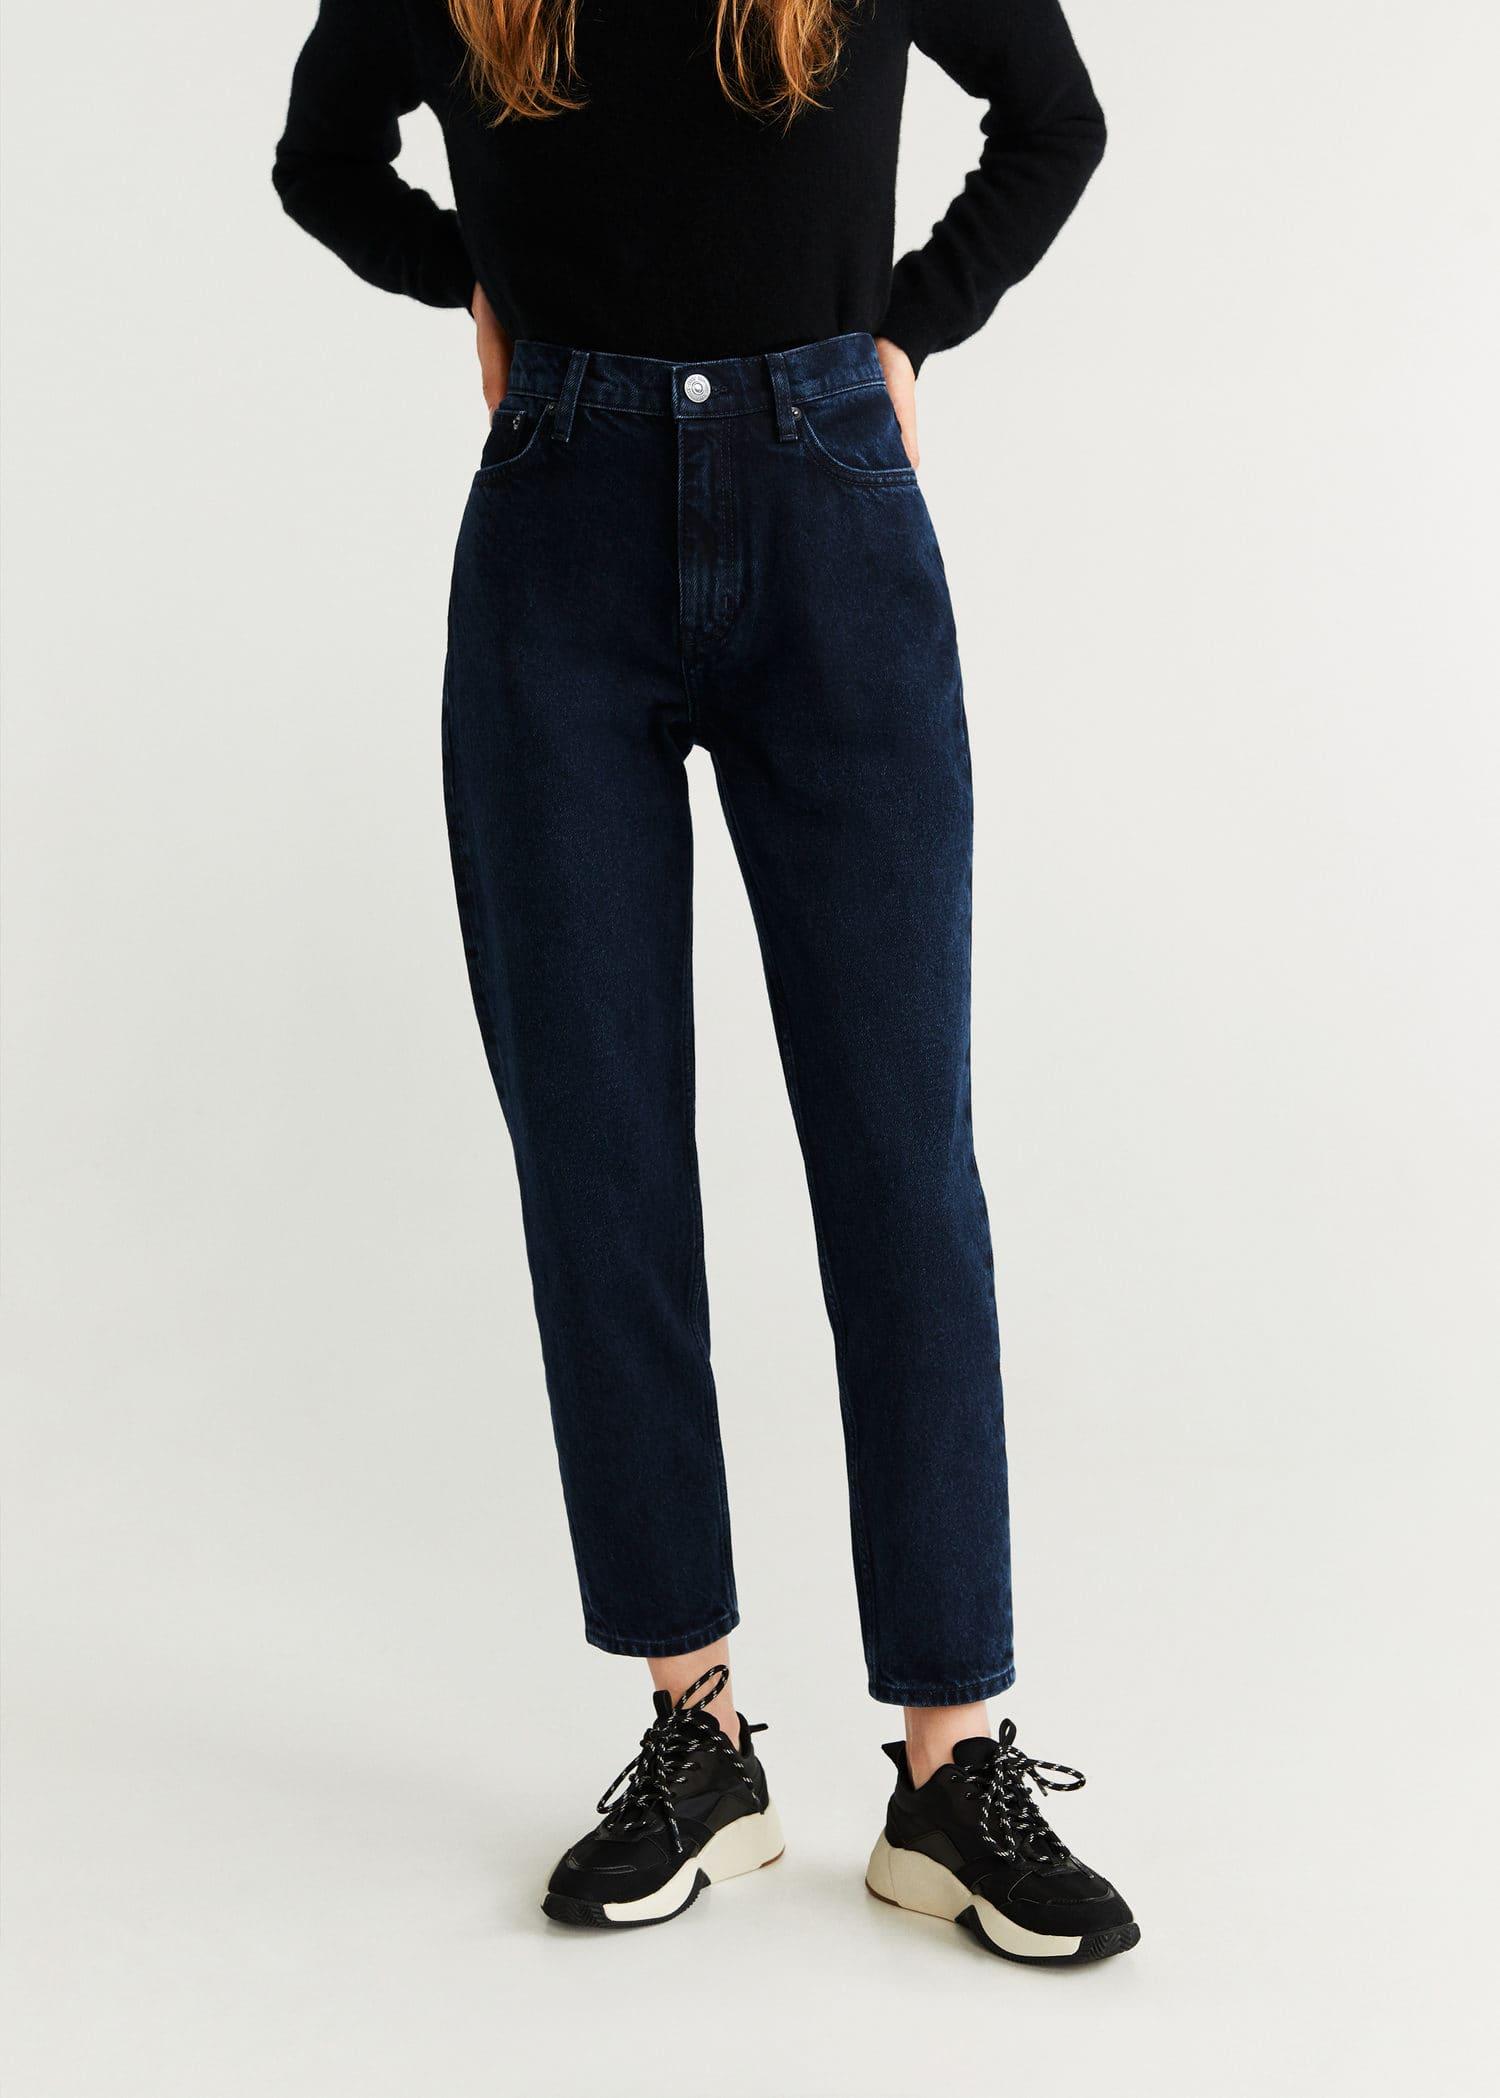 Jeans für Damen 2019 | Mango Deutschland